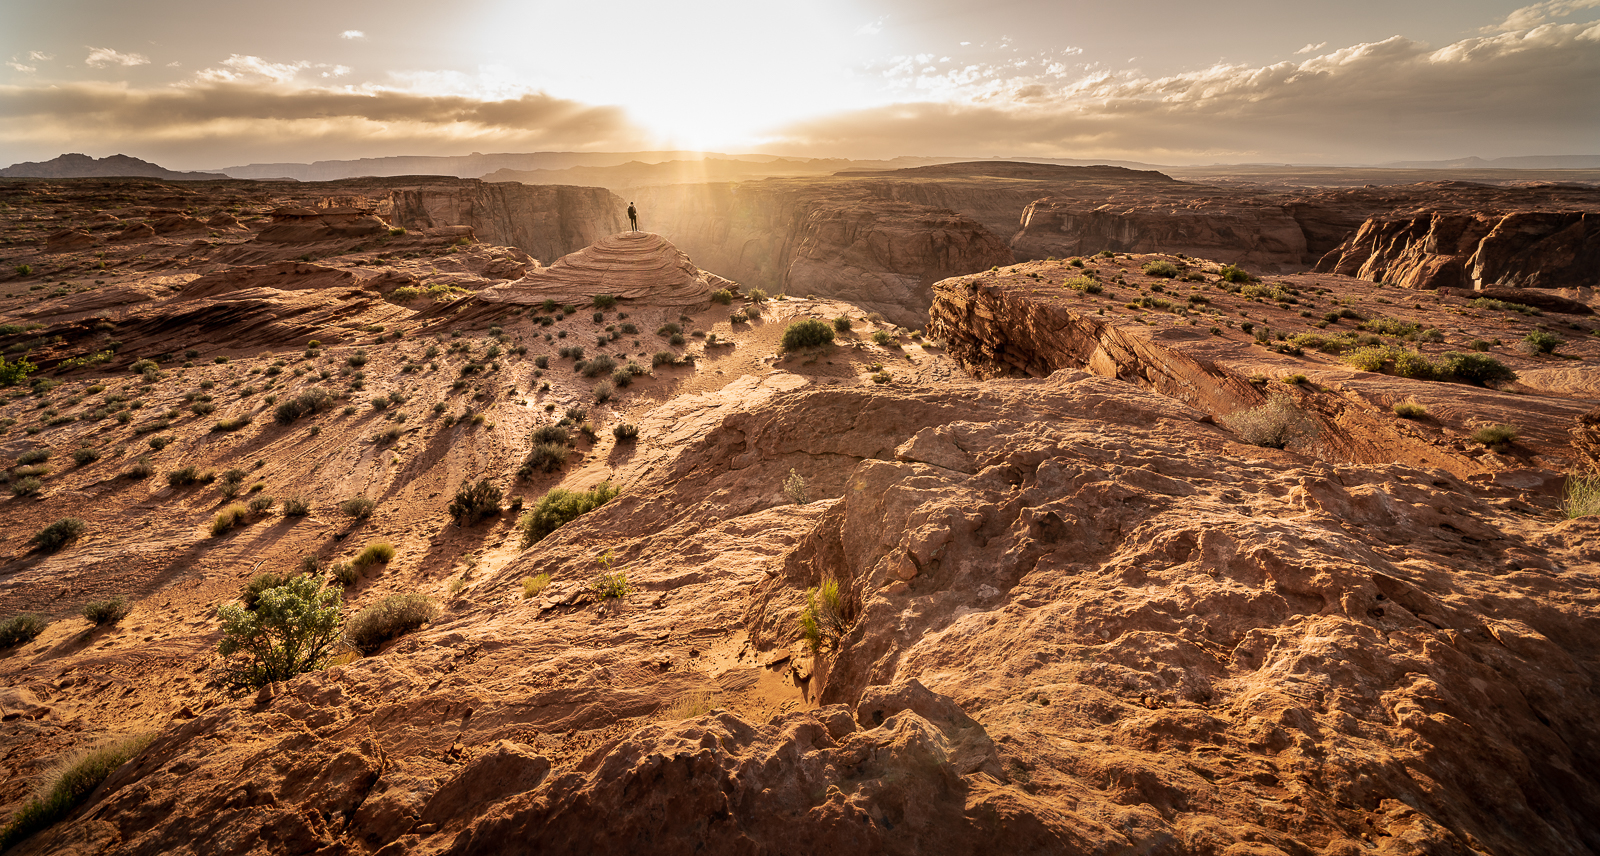 IG Horseshoe Bend 12mm F8 1-25sec ISO 200 Landscape Humza_-3.jpg